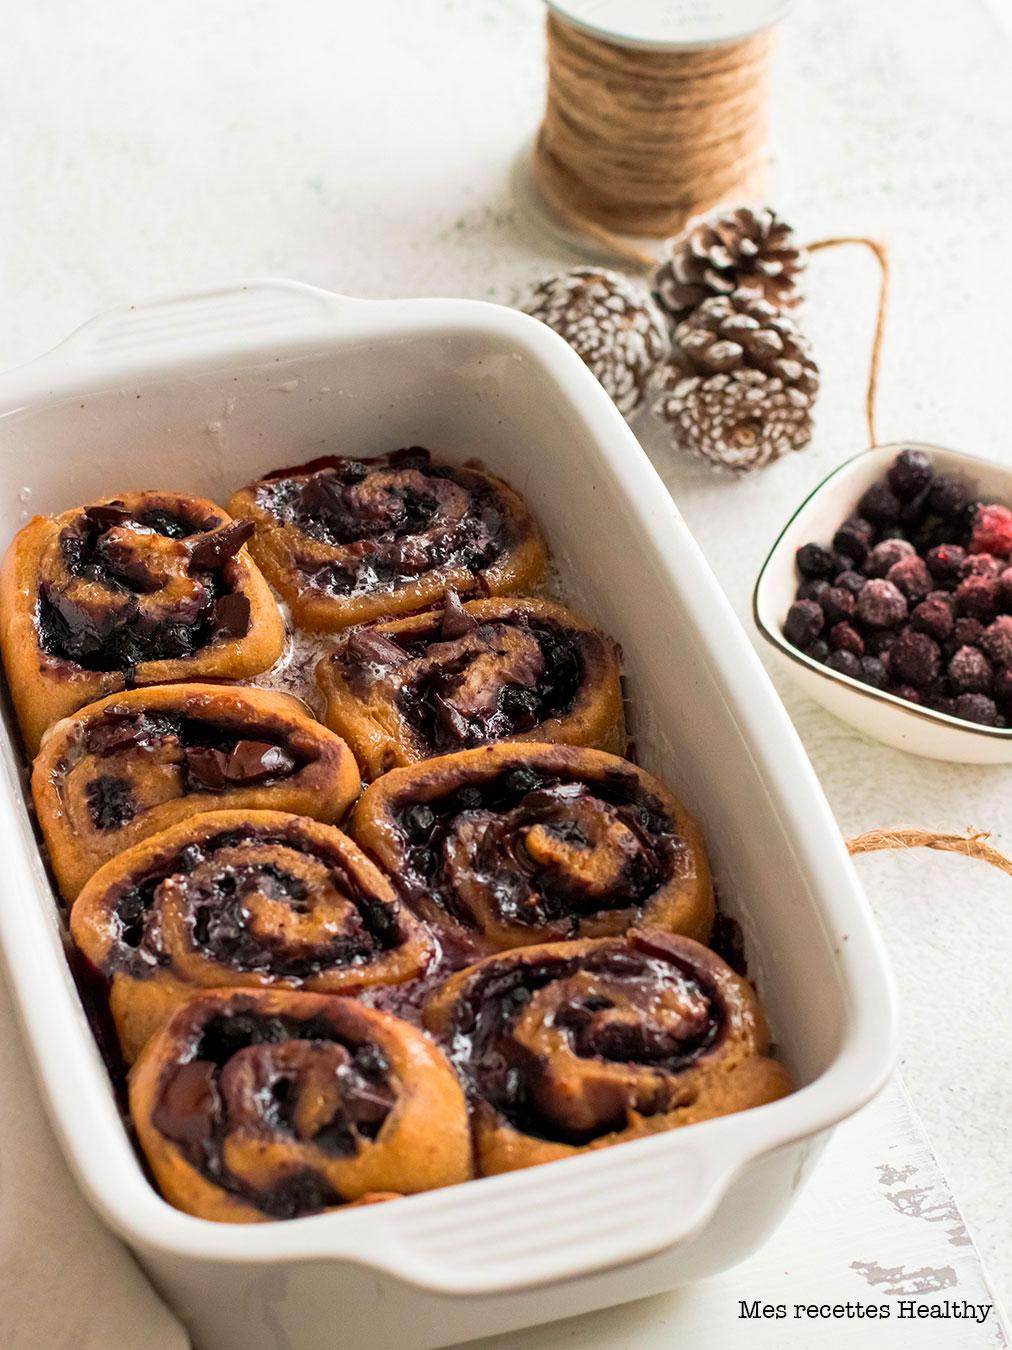 recette healthy-brioche roulée-myrtille-chocolat